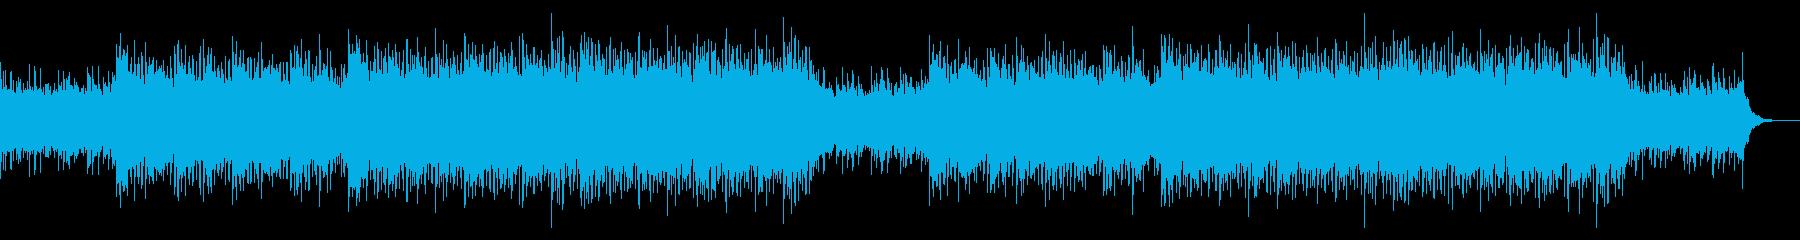 Accomplishmentの再生済みの波形